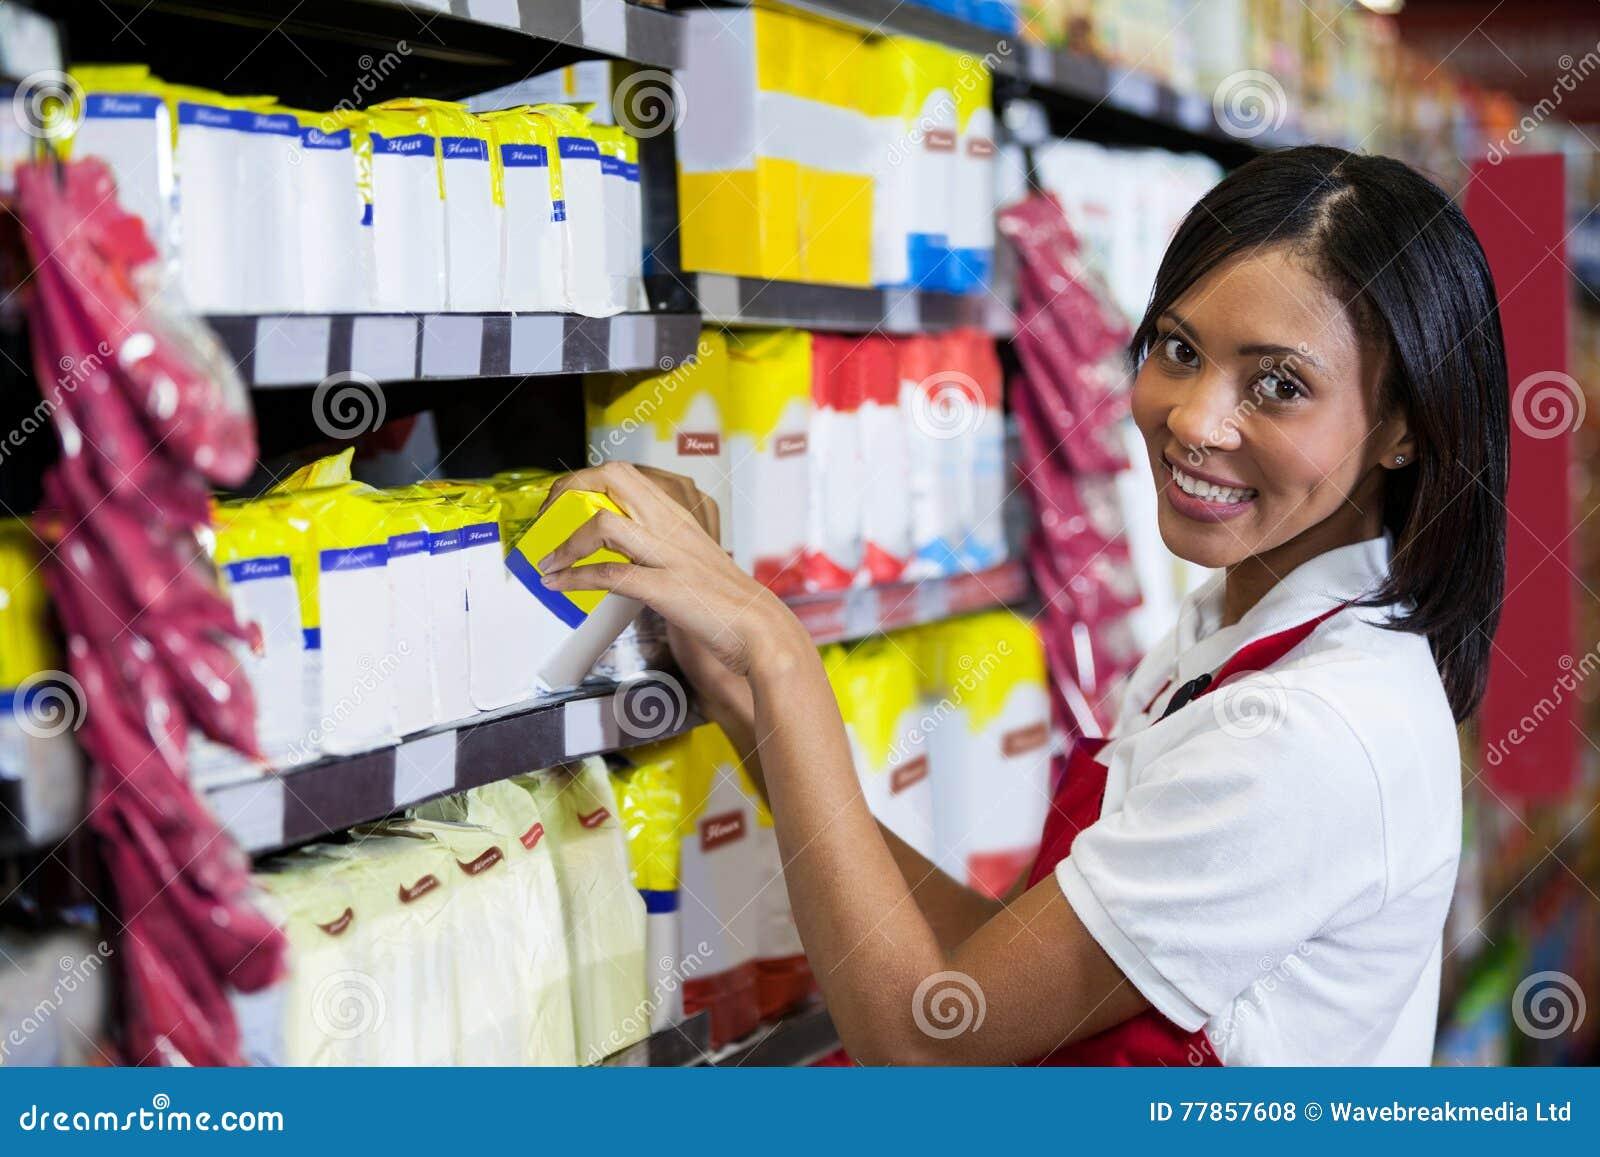 Personnel féminin arrangeant des marchandises dans la section d épicerie